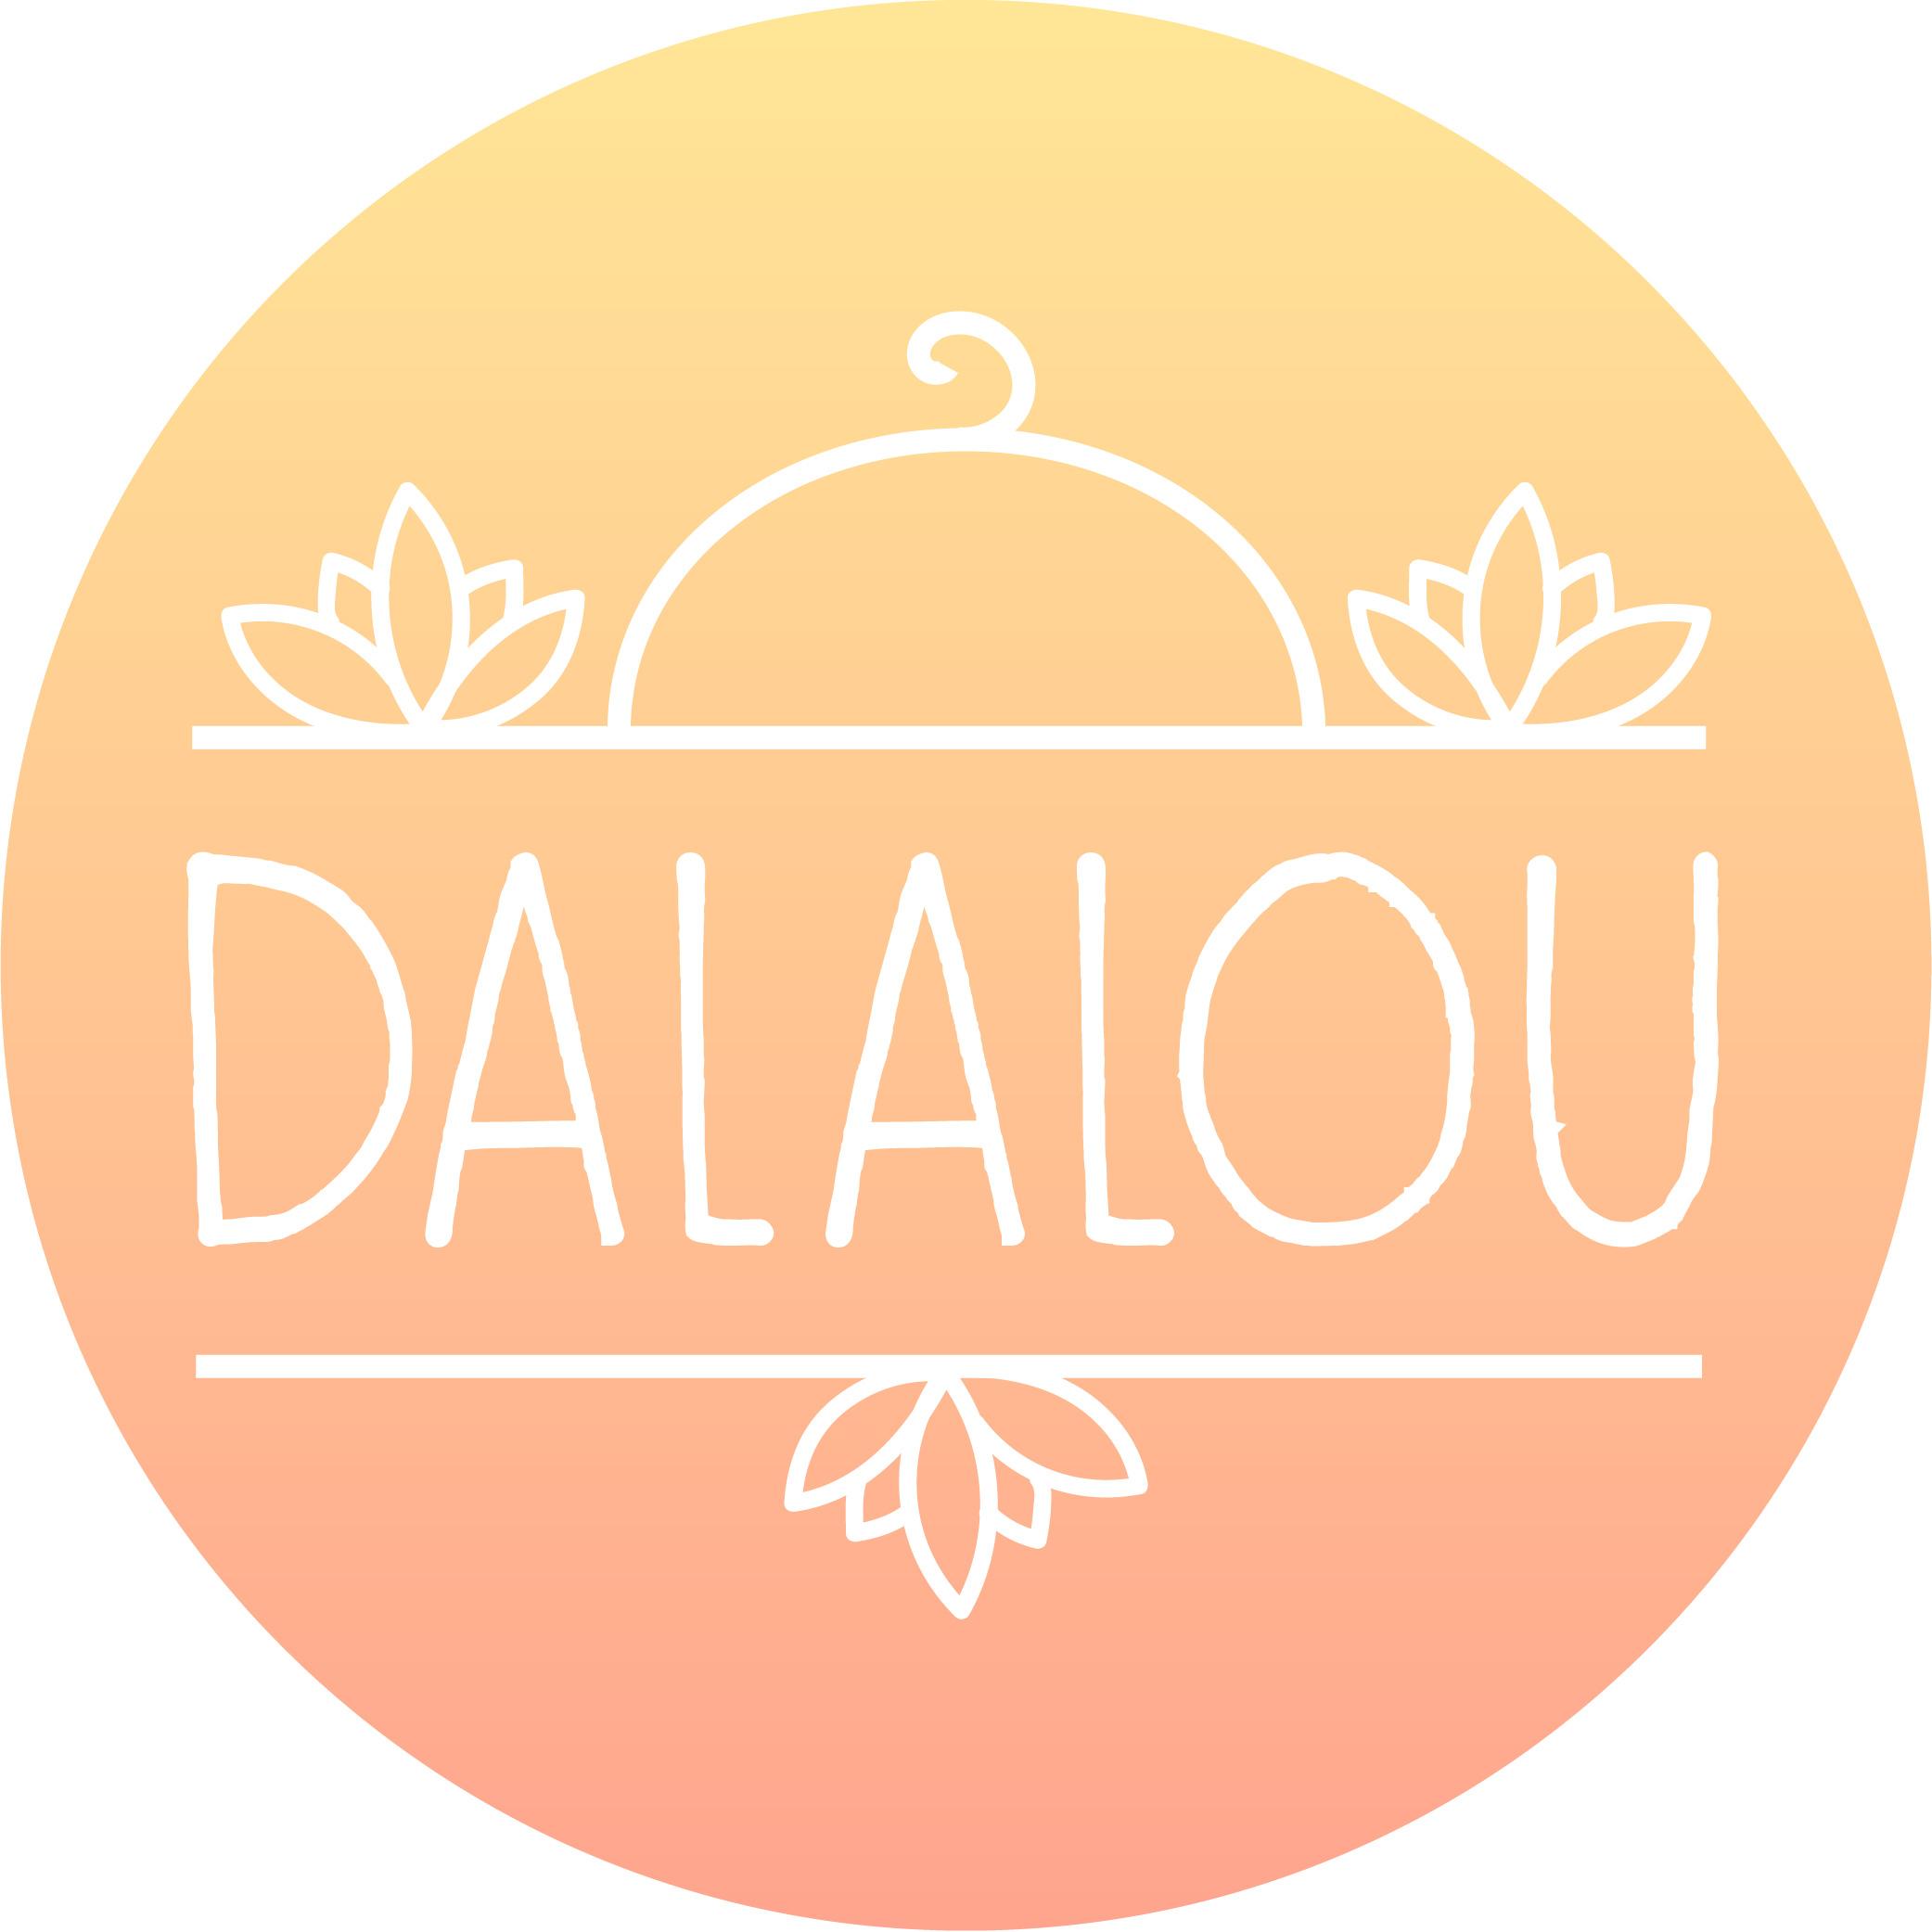 Dalalou